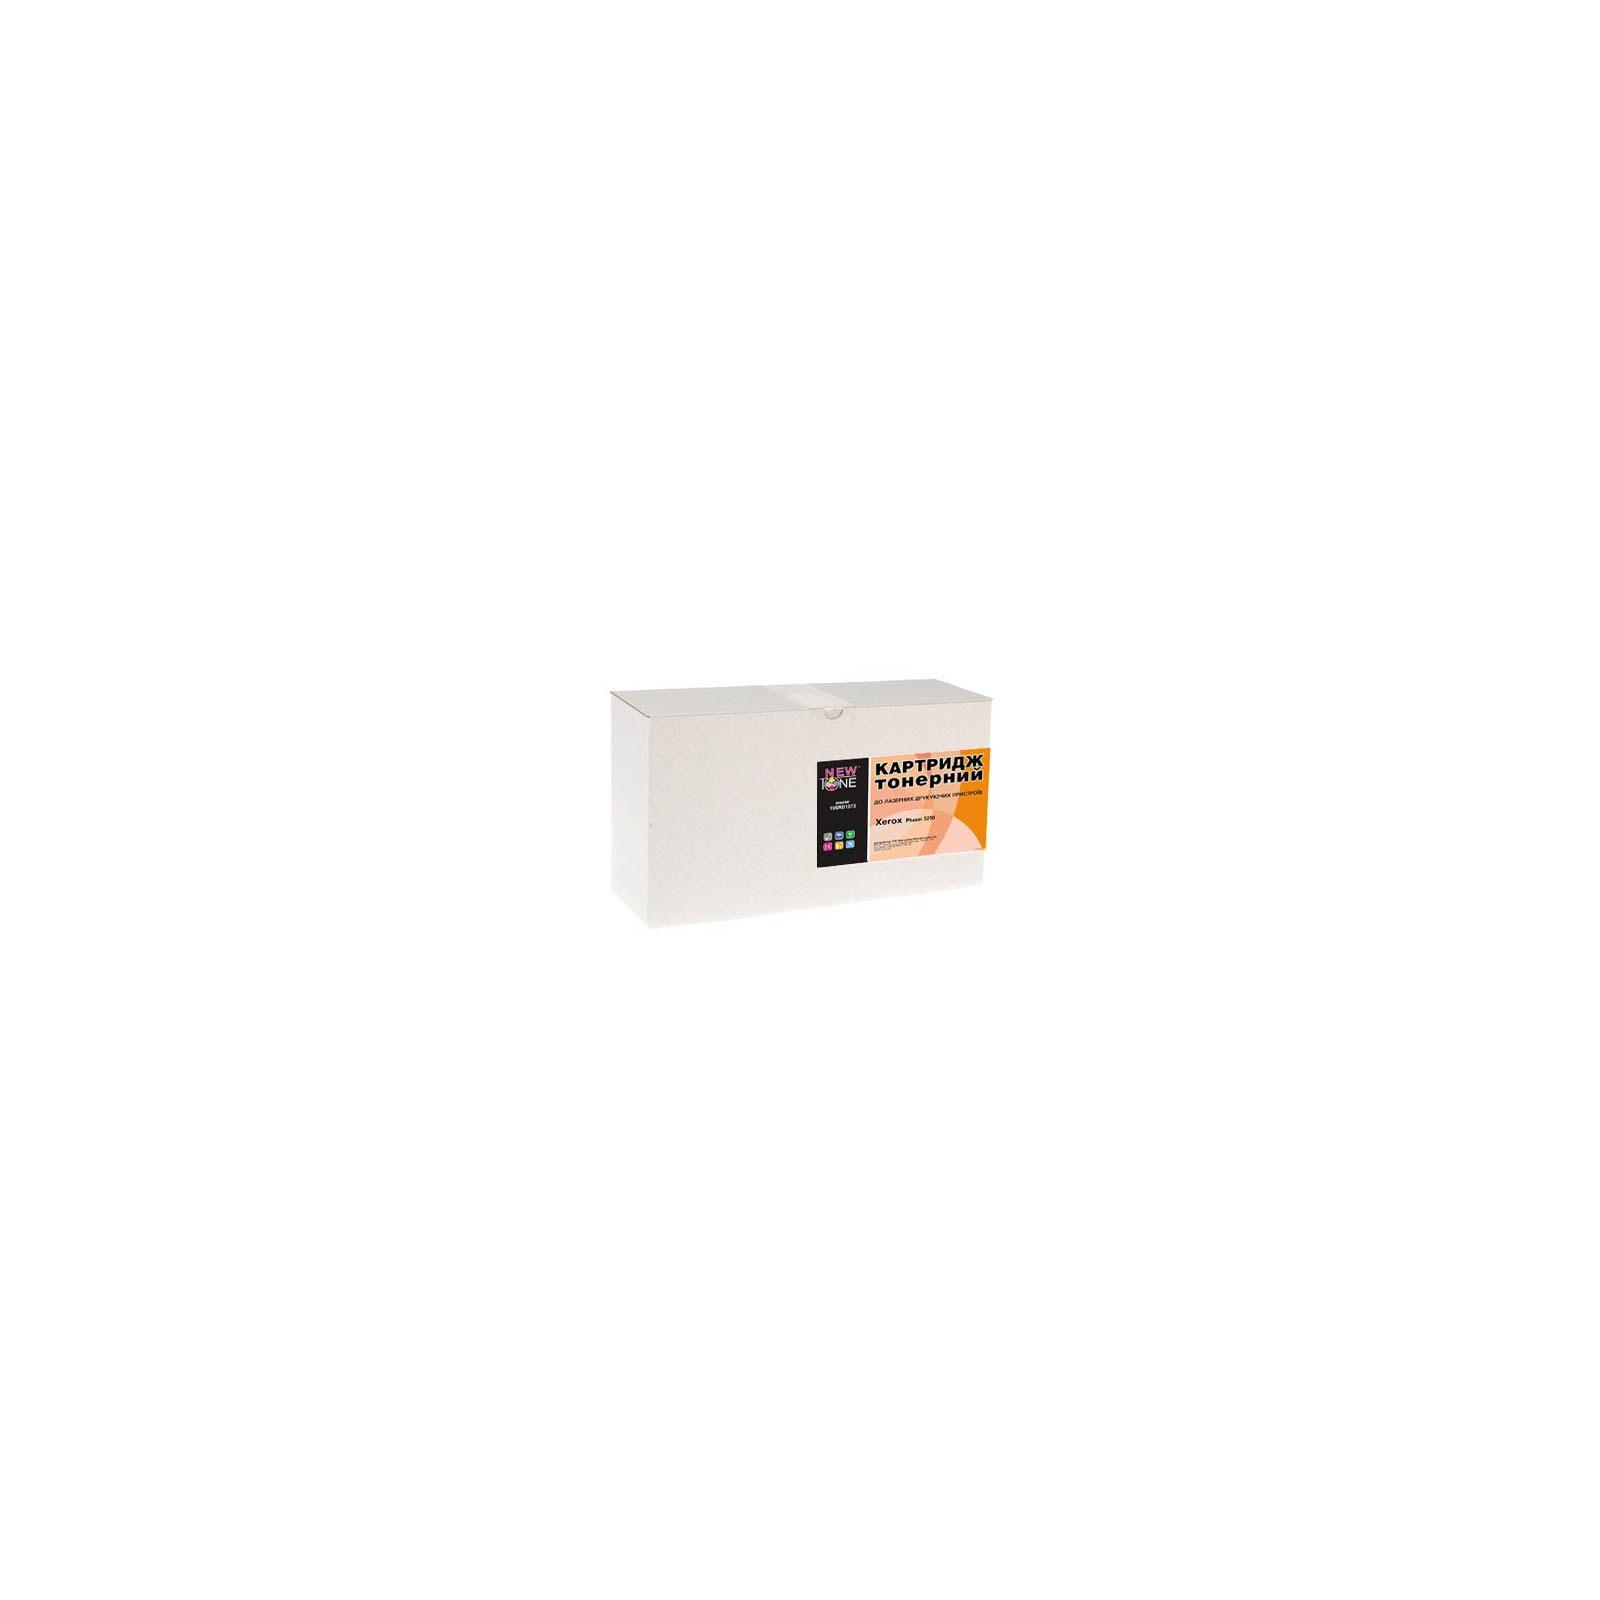 Картридж NewTone для XEROX Phaser 3250 (XR3250NT)